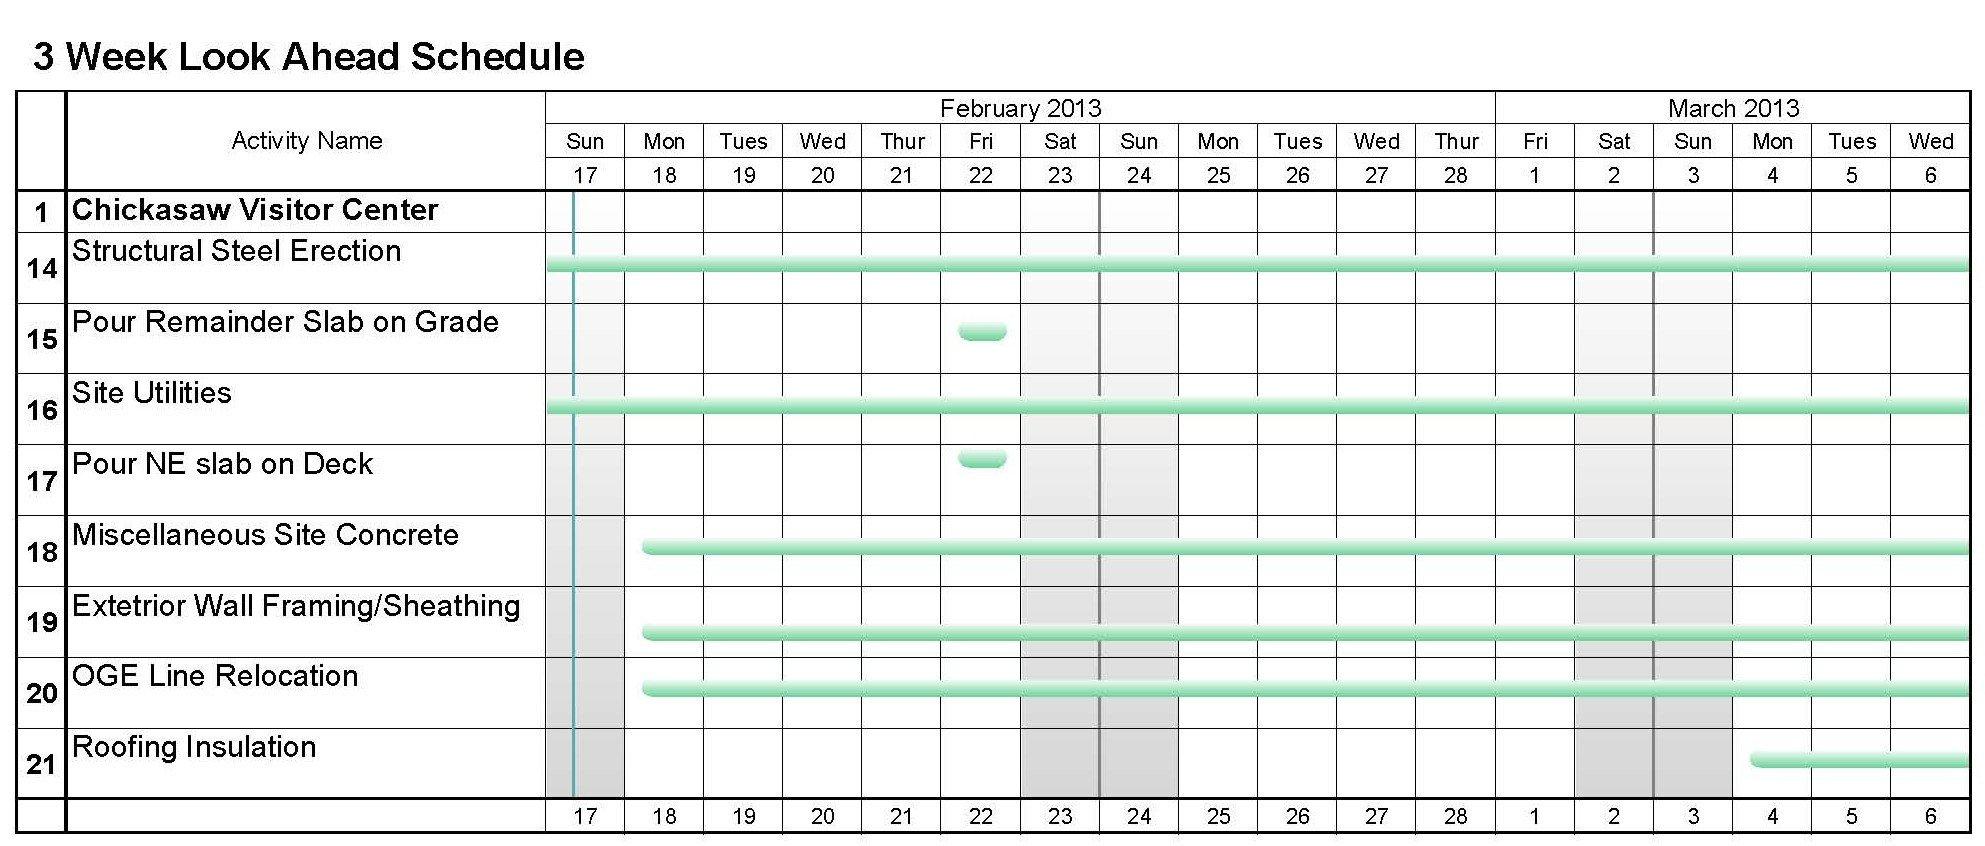 Two Week Look Ahead Template Schedule Update – Let's See What's Ahead